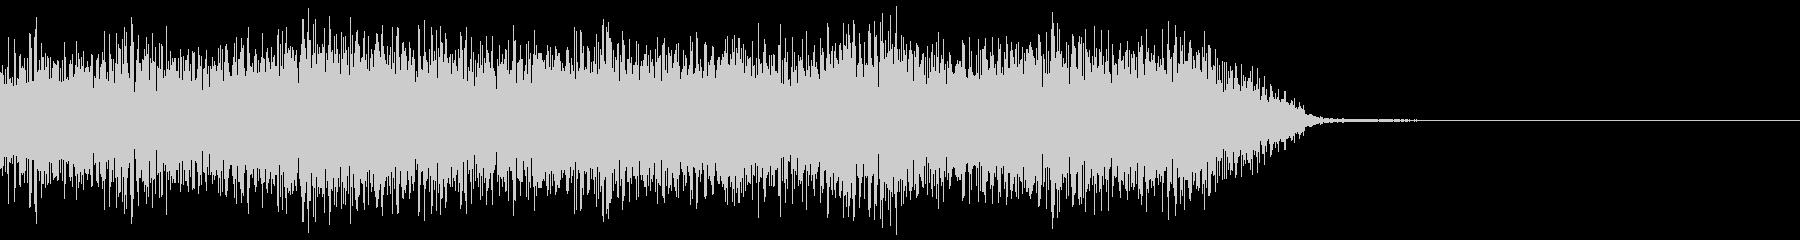 神秘的で不思議で入り組んだ音 12秒の未再生の波形